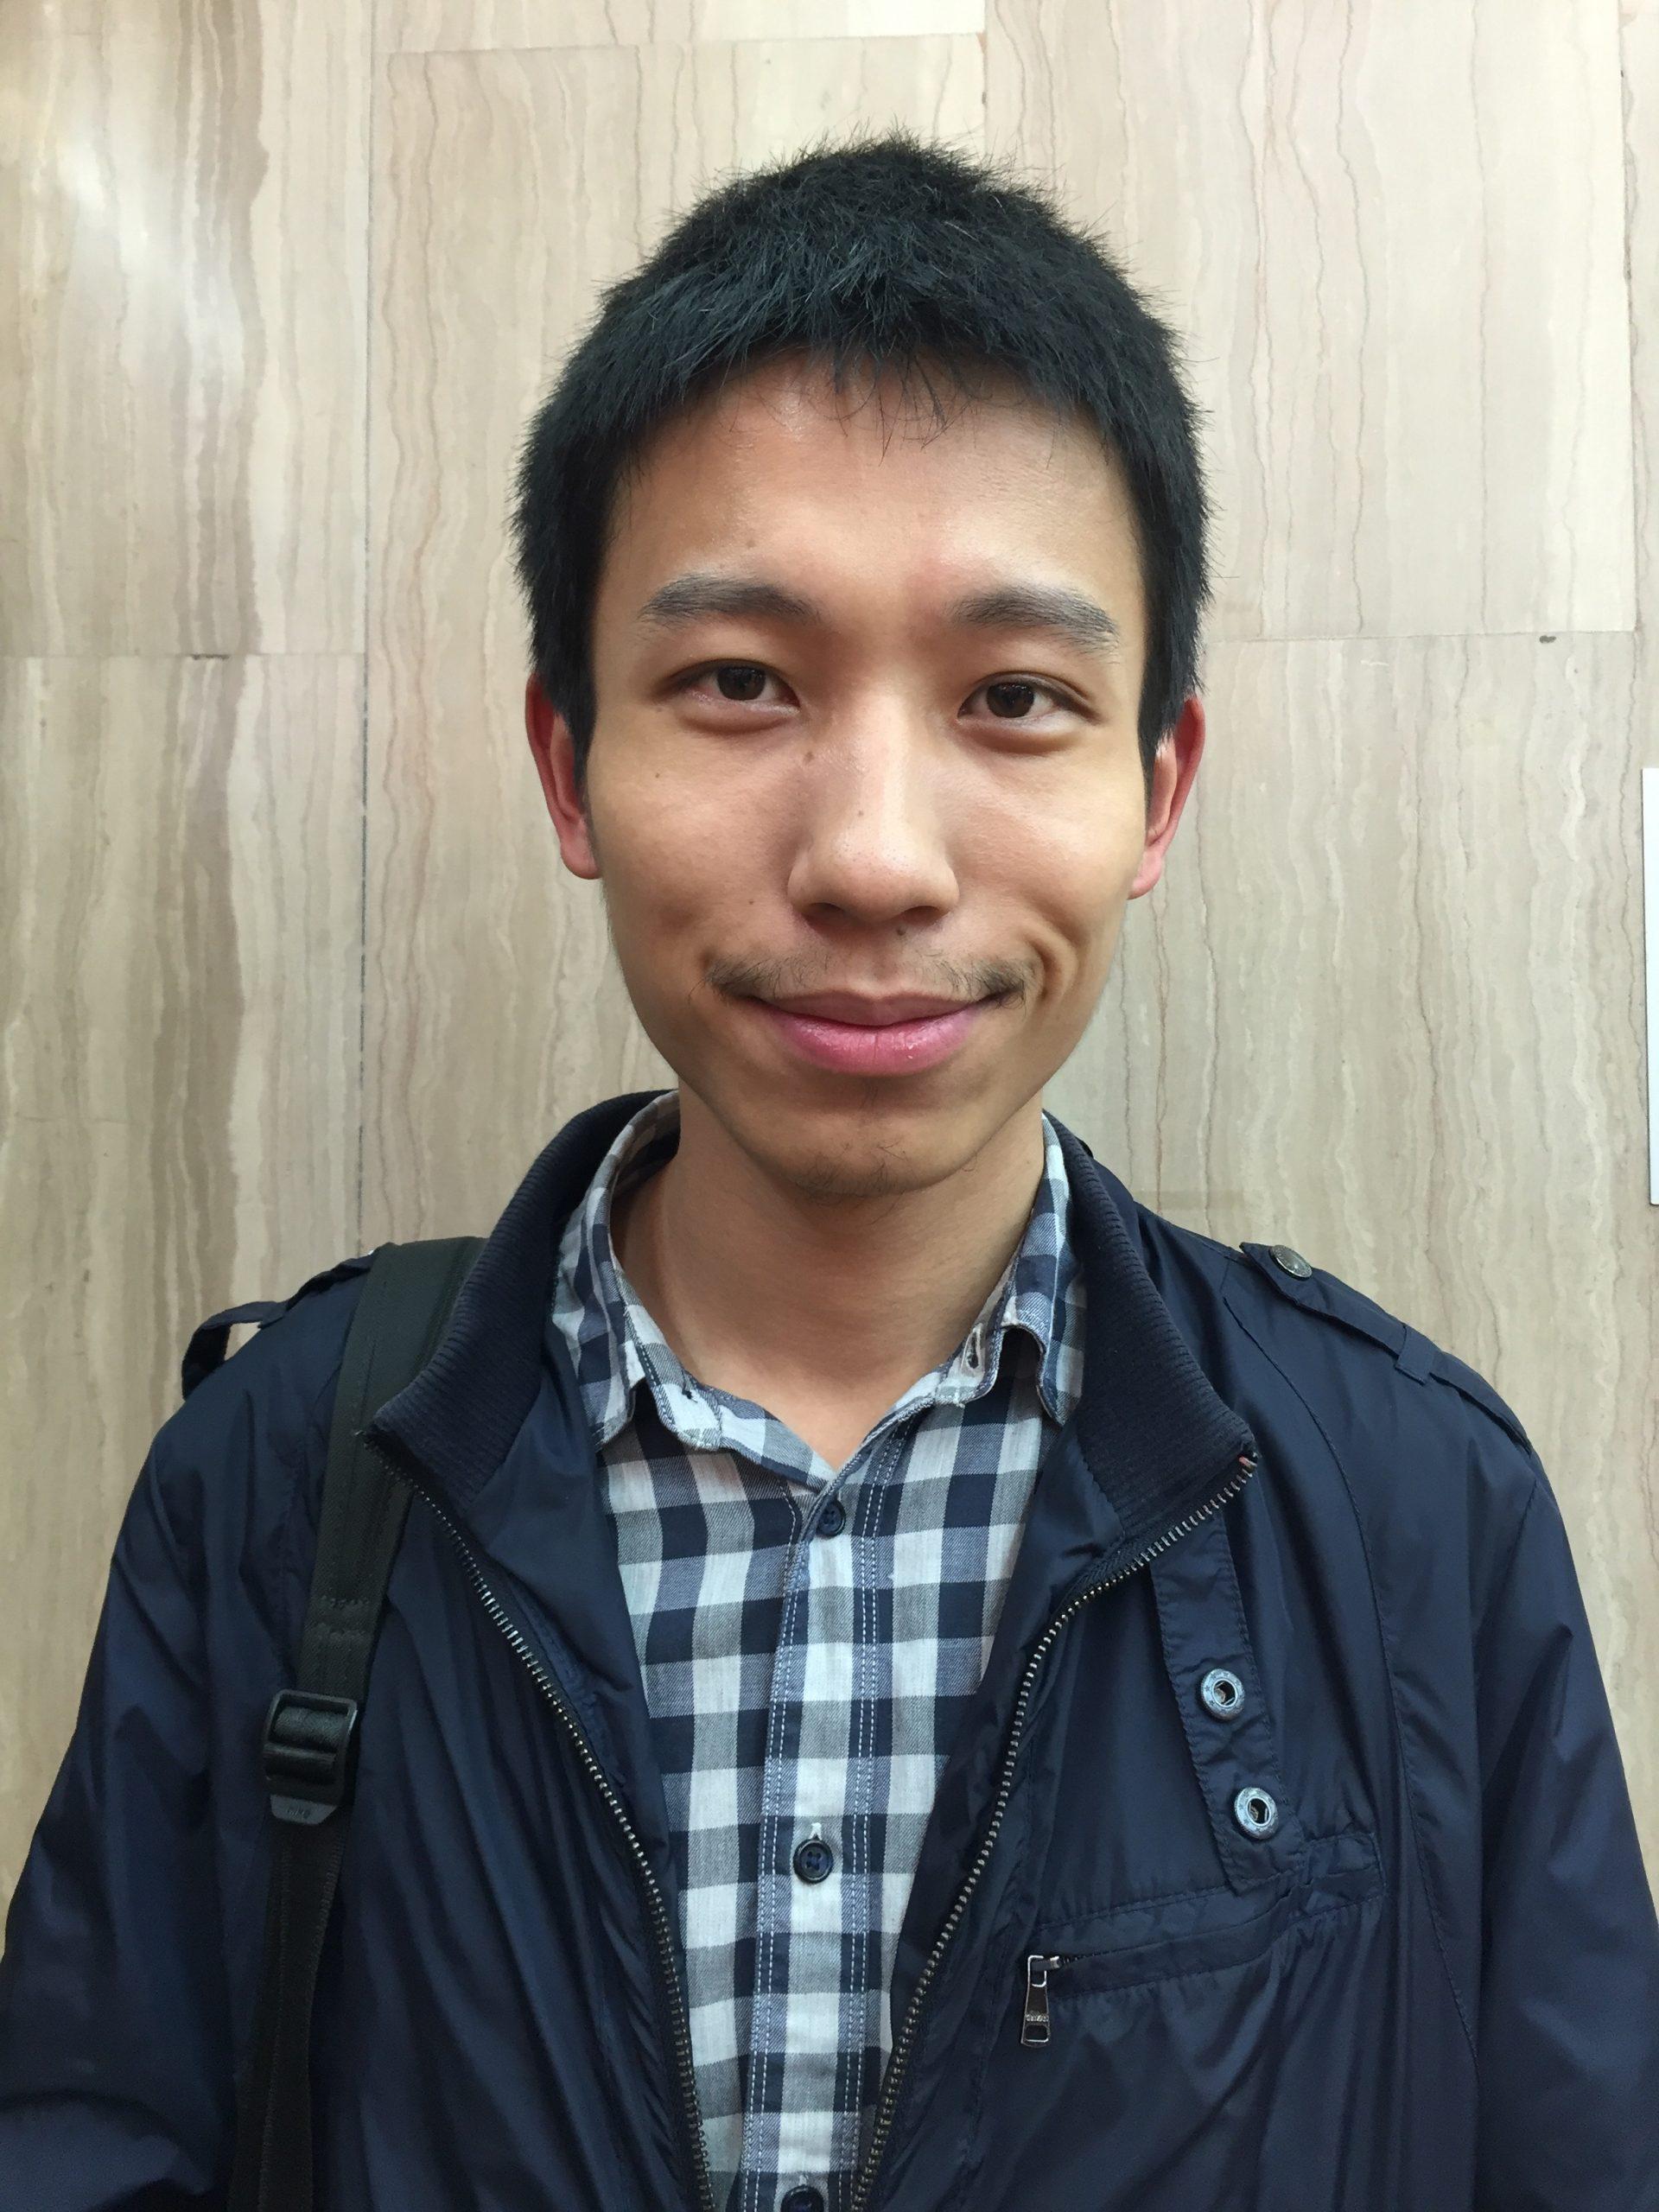 Jianjiu_Chen